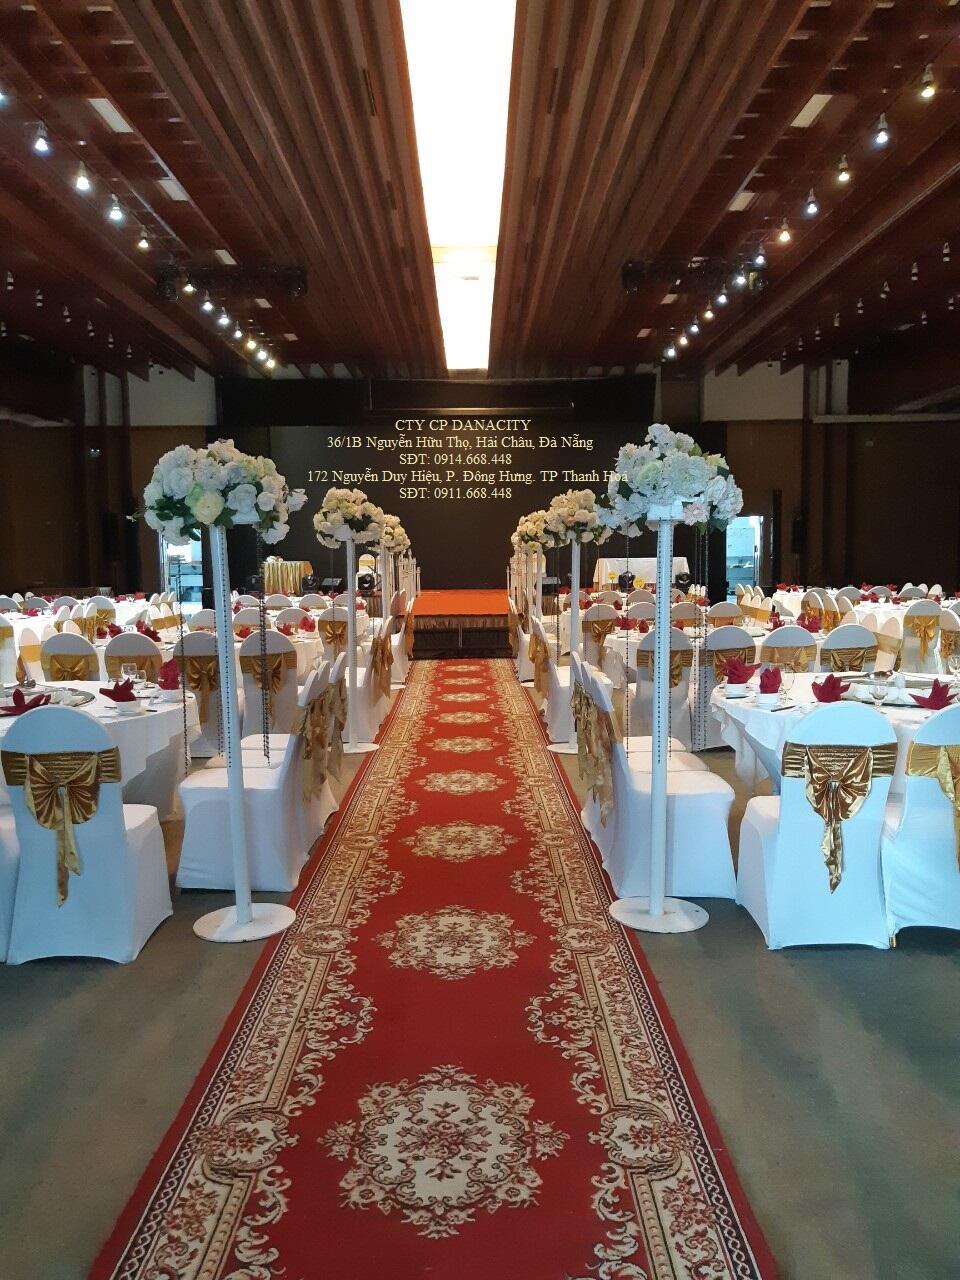 Dòngthảm trải sàn hoa văncao cấp tại đà nẵng